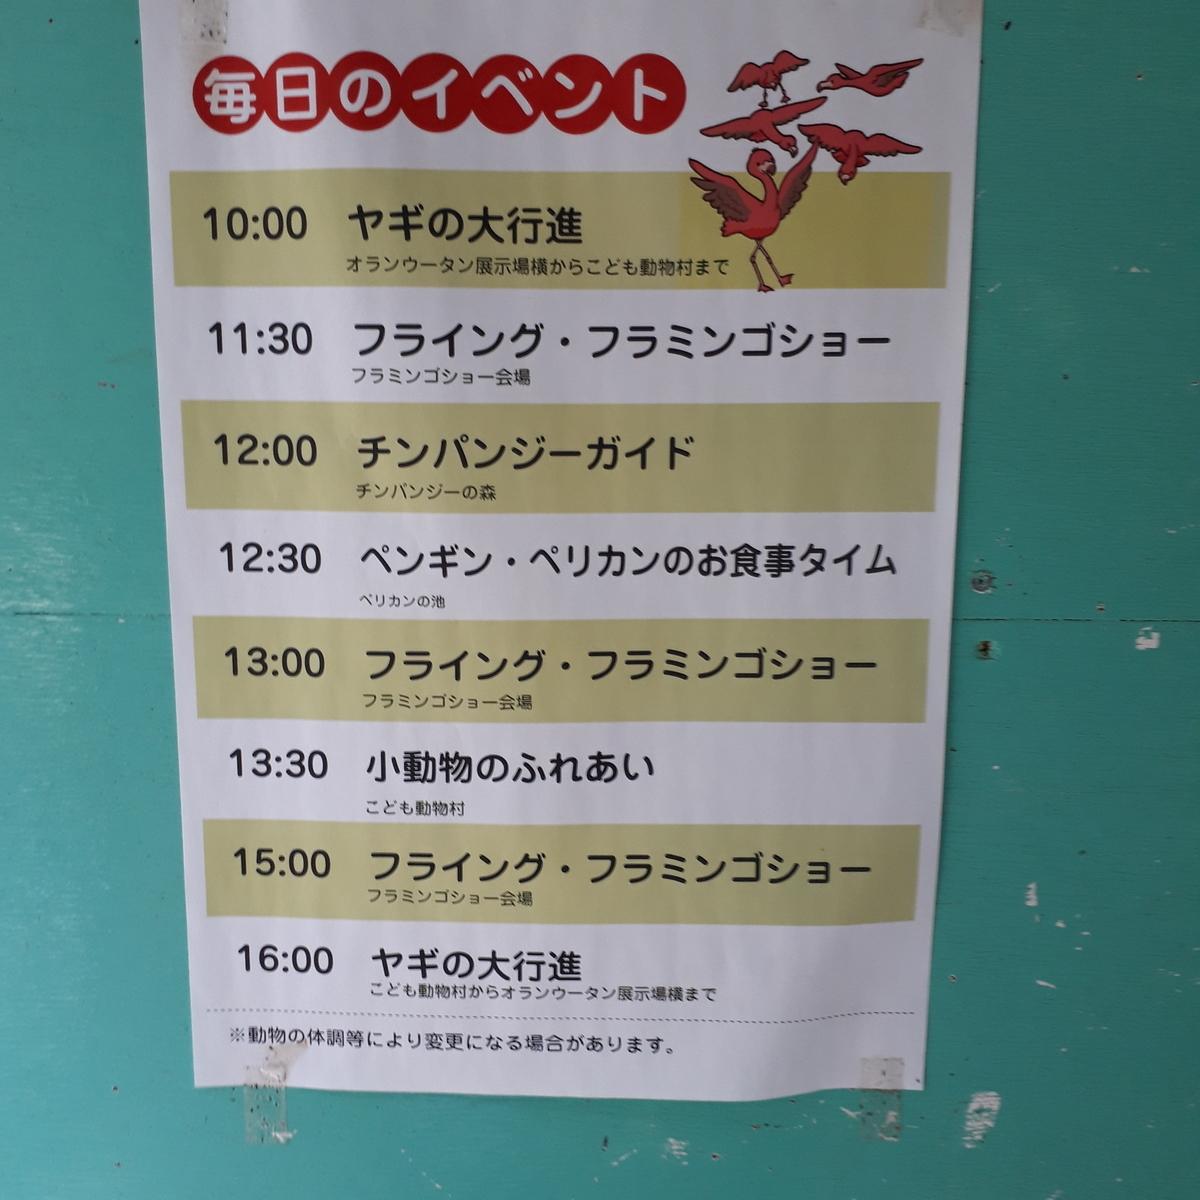 宮崎市フェニックス自然動物園 毎日のイベント